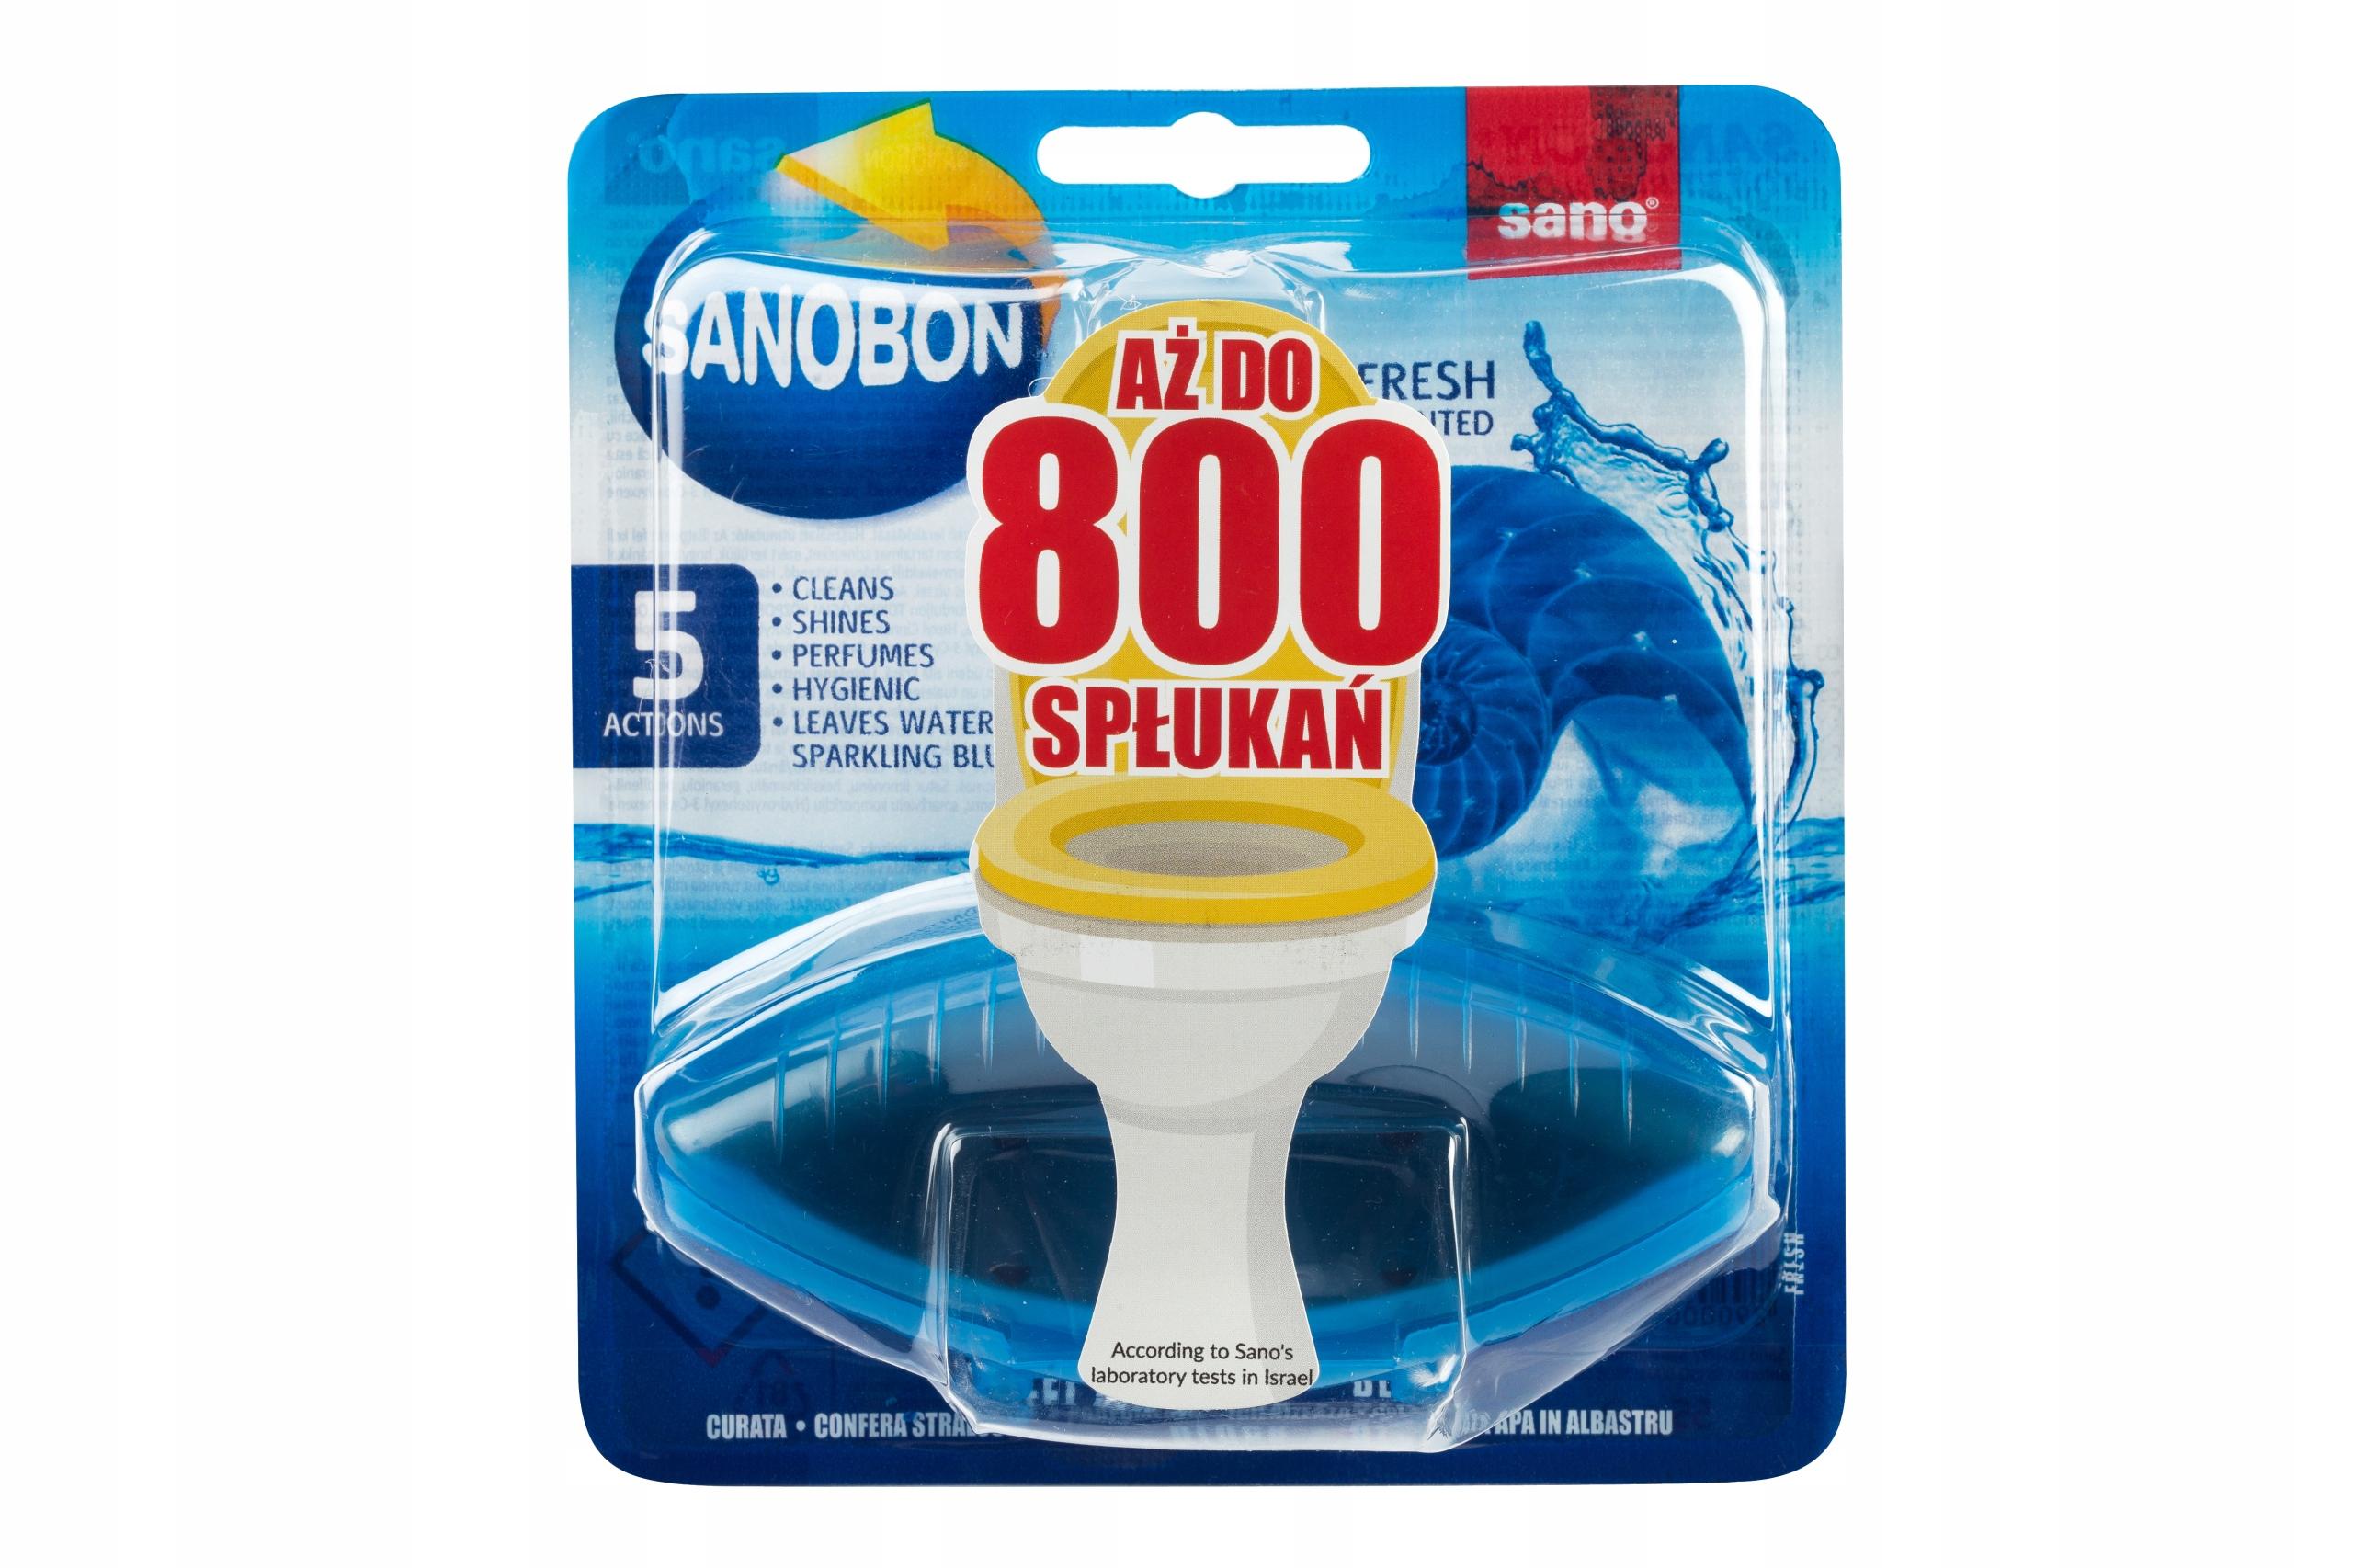 Sanobon Zawieszka do WC barwiąca FRESH 55g